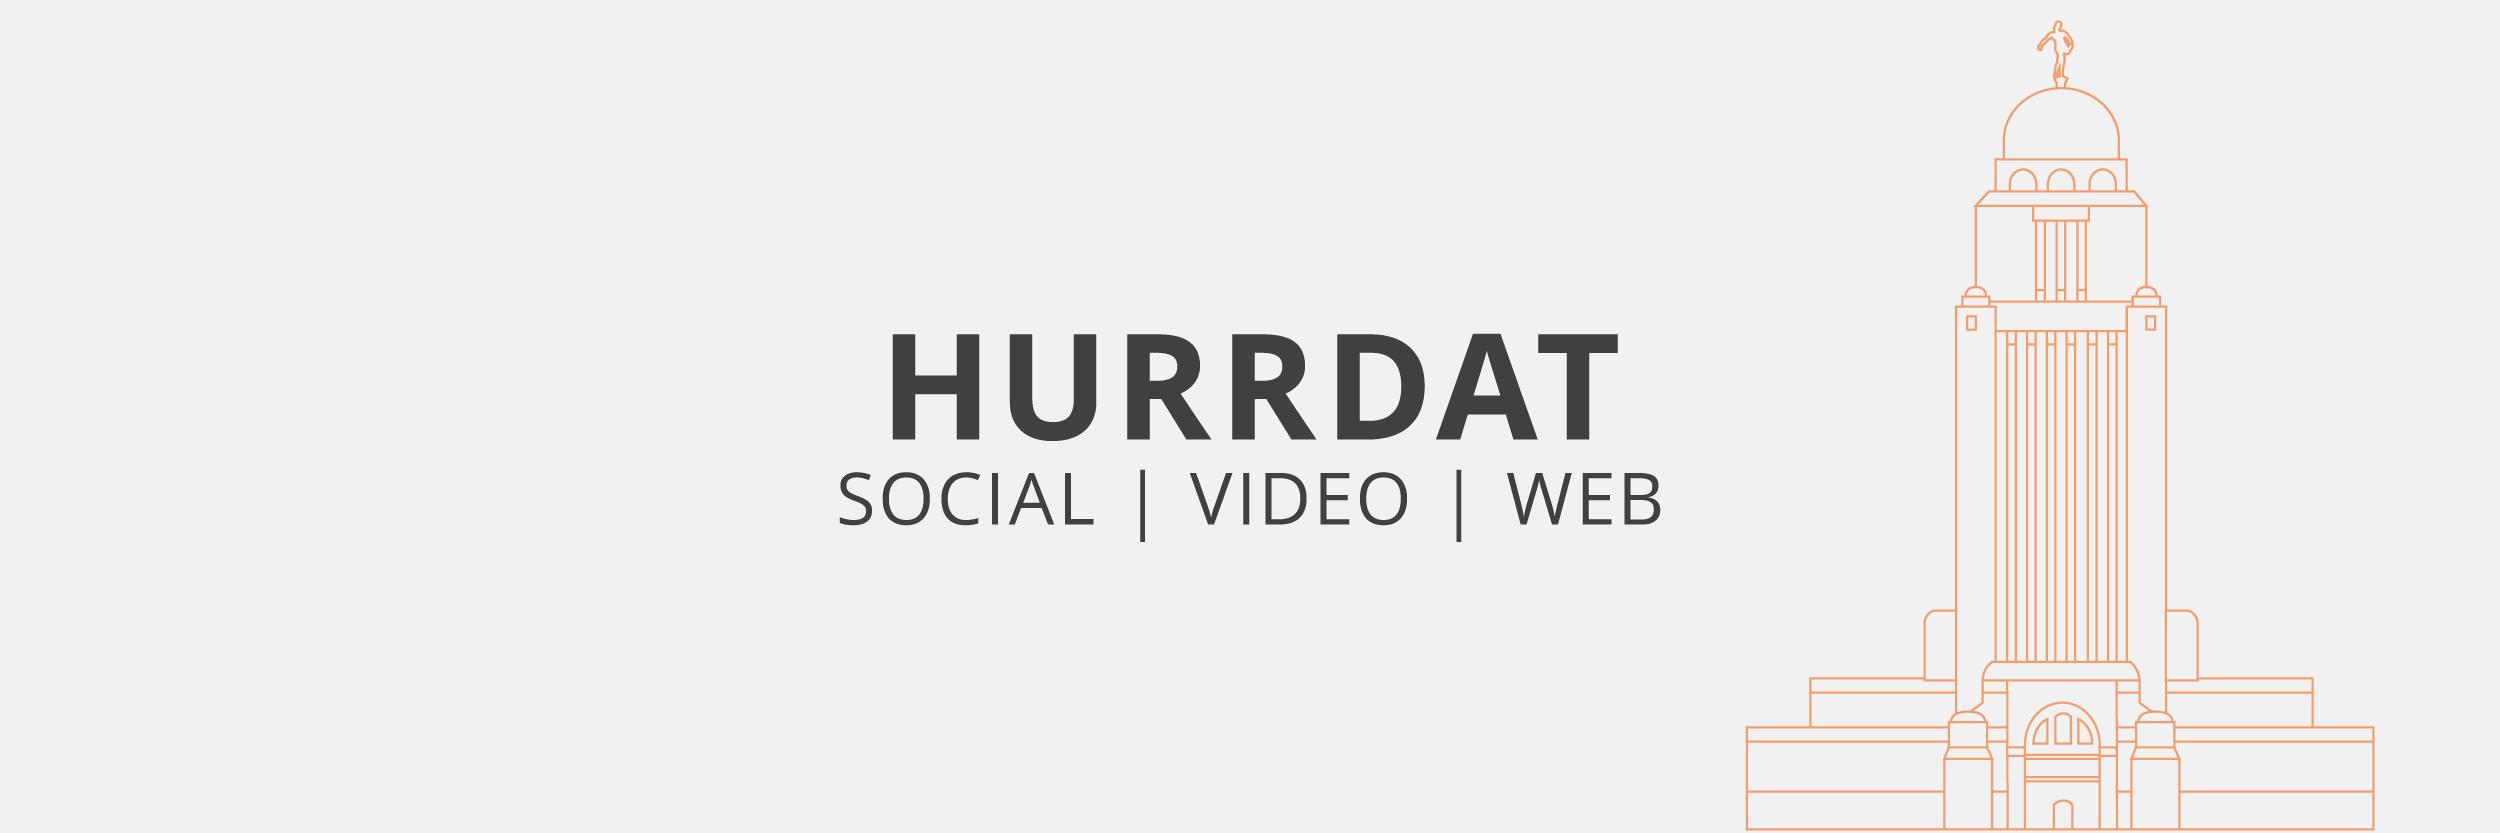 Hurrdat Social Media image 0